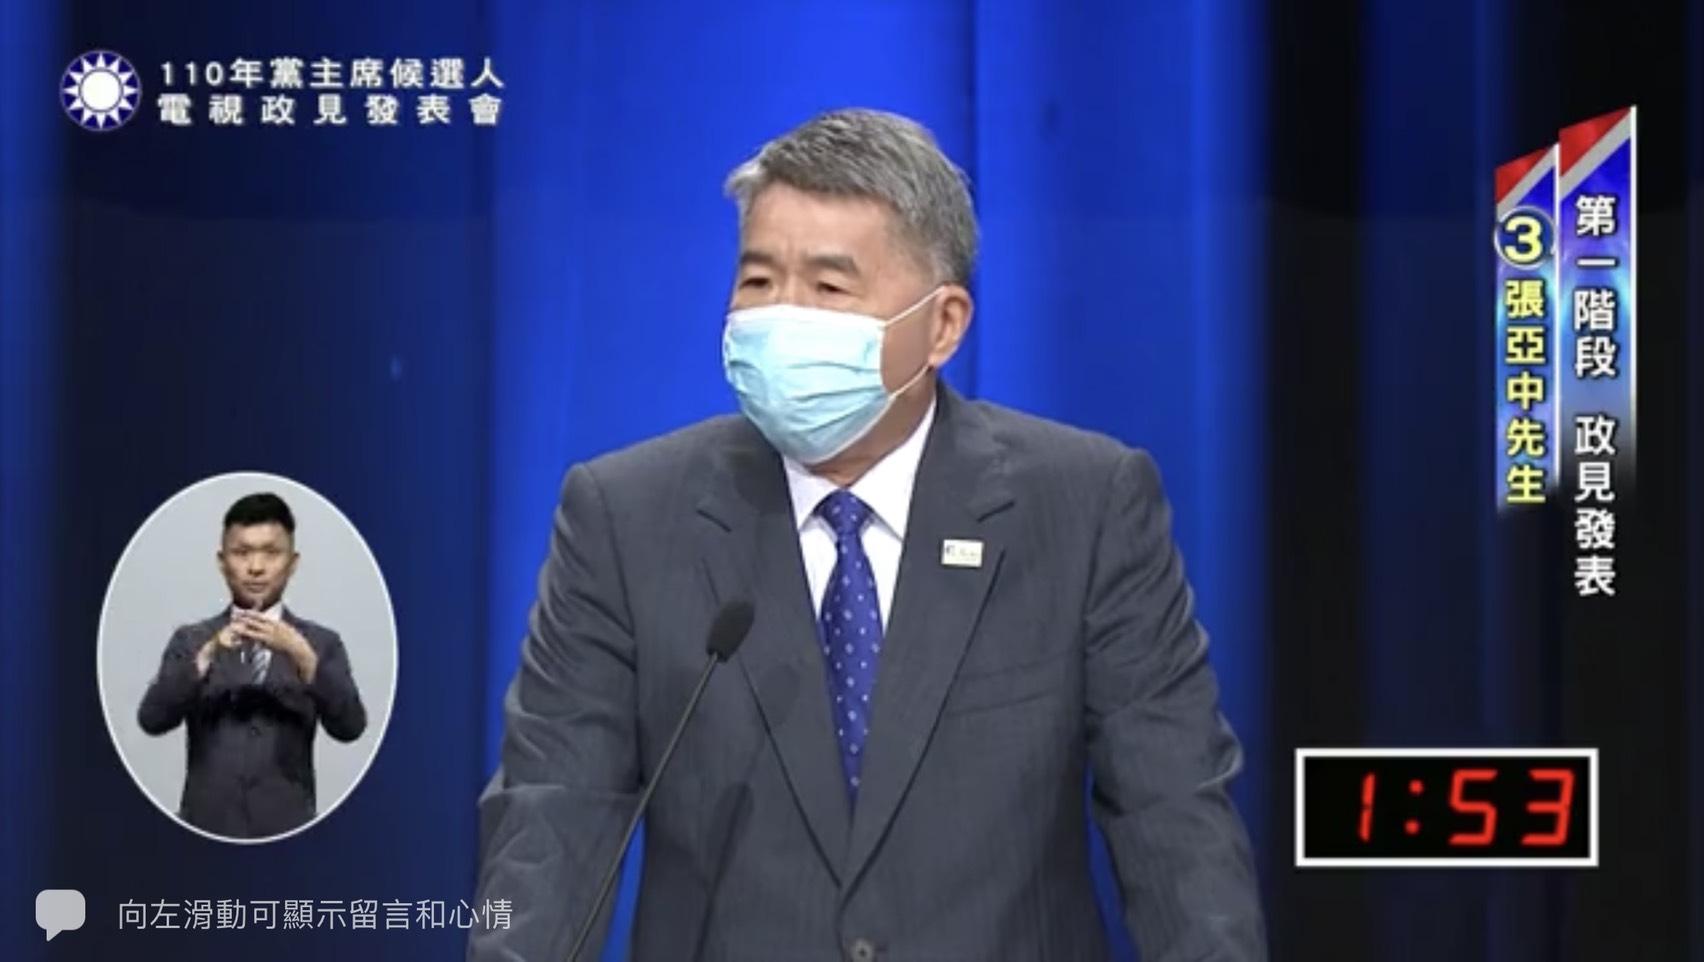 【施威全觀點】沒有「中華民國」的和平協議,悖離臺灣人民